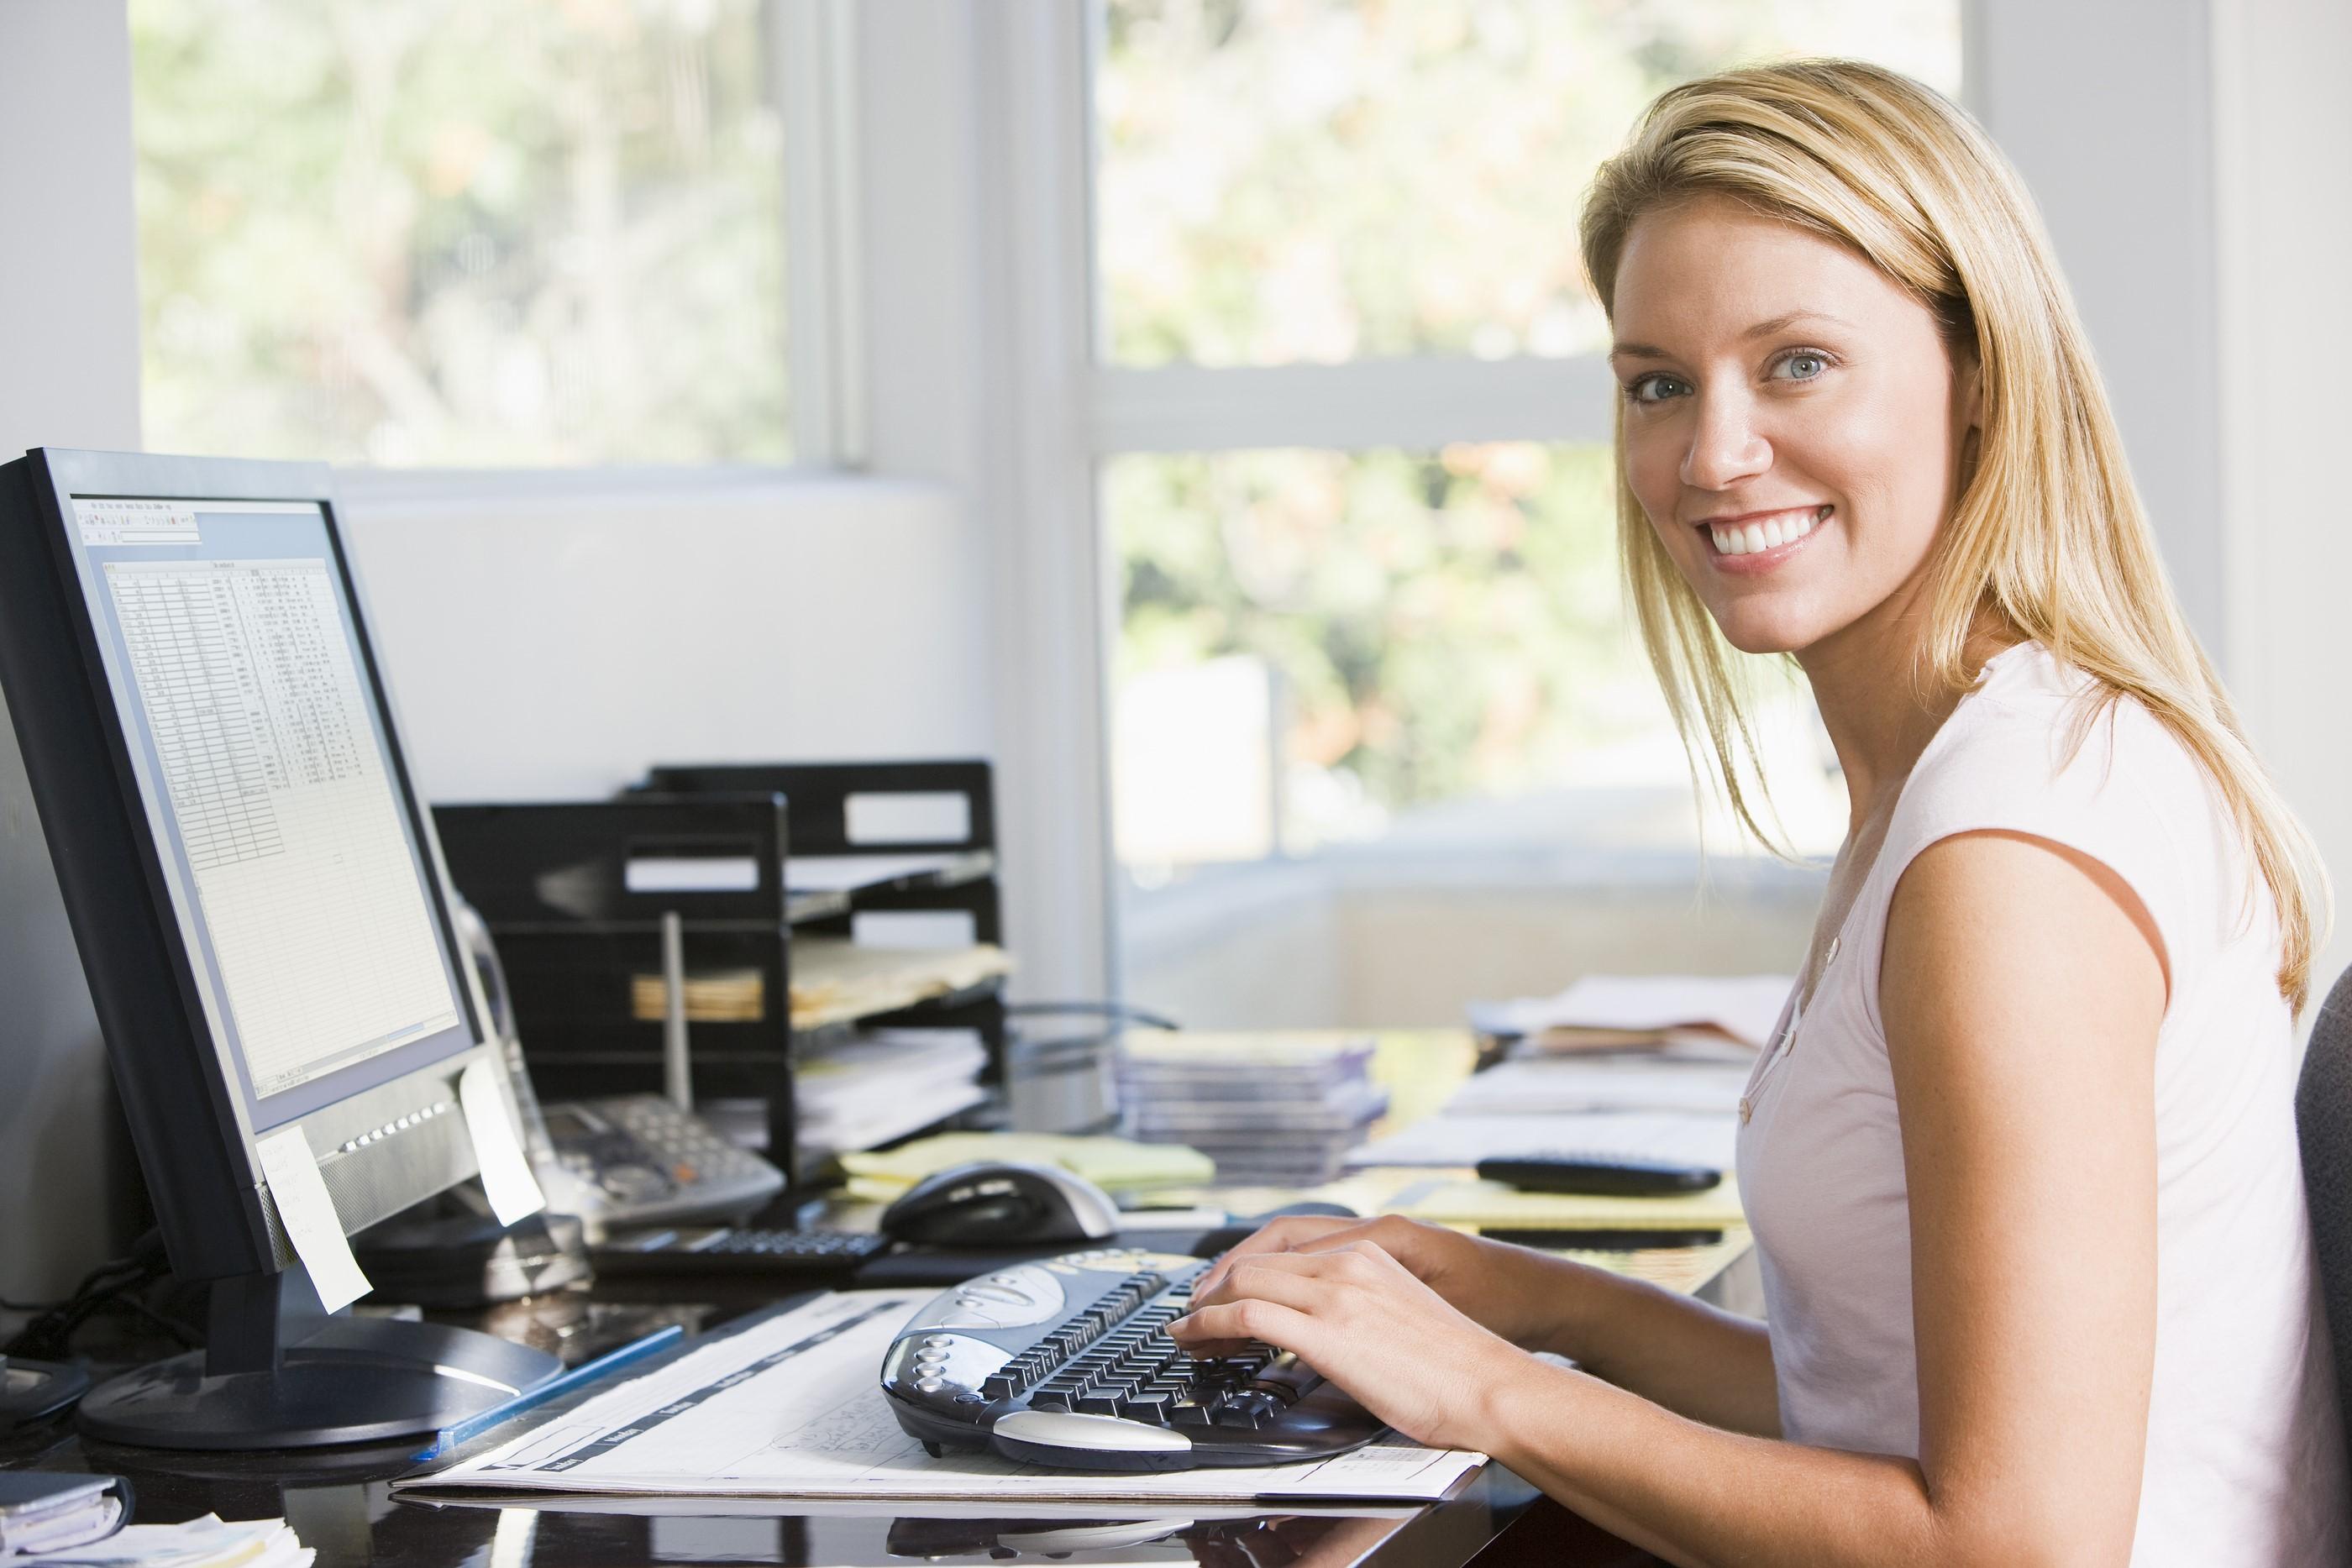 Todo los que quieres saber acerca de la ofimática para tu labor administrativa